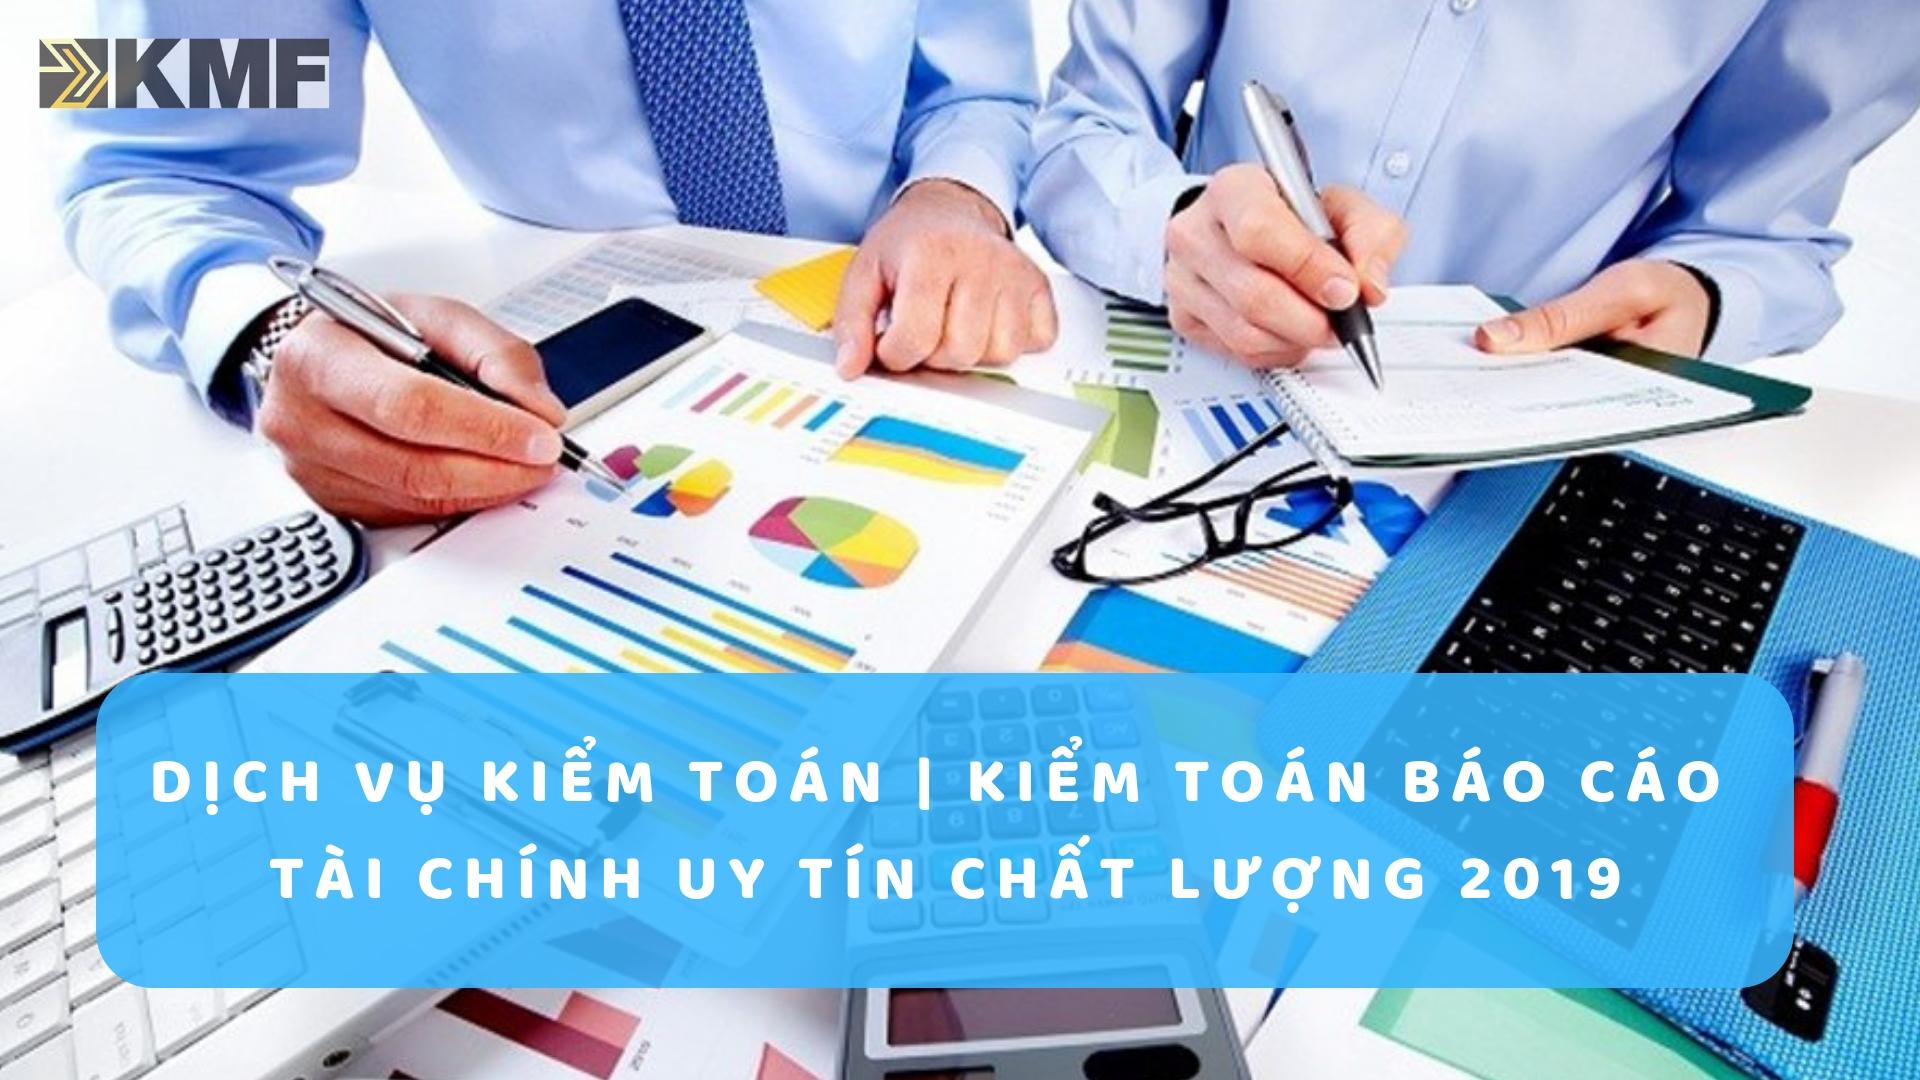 (Tiếng Việt) PHIẾU ĐĂNG KÝ TUYỂN DỤNG